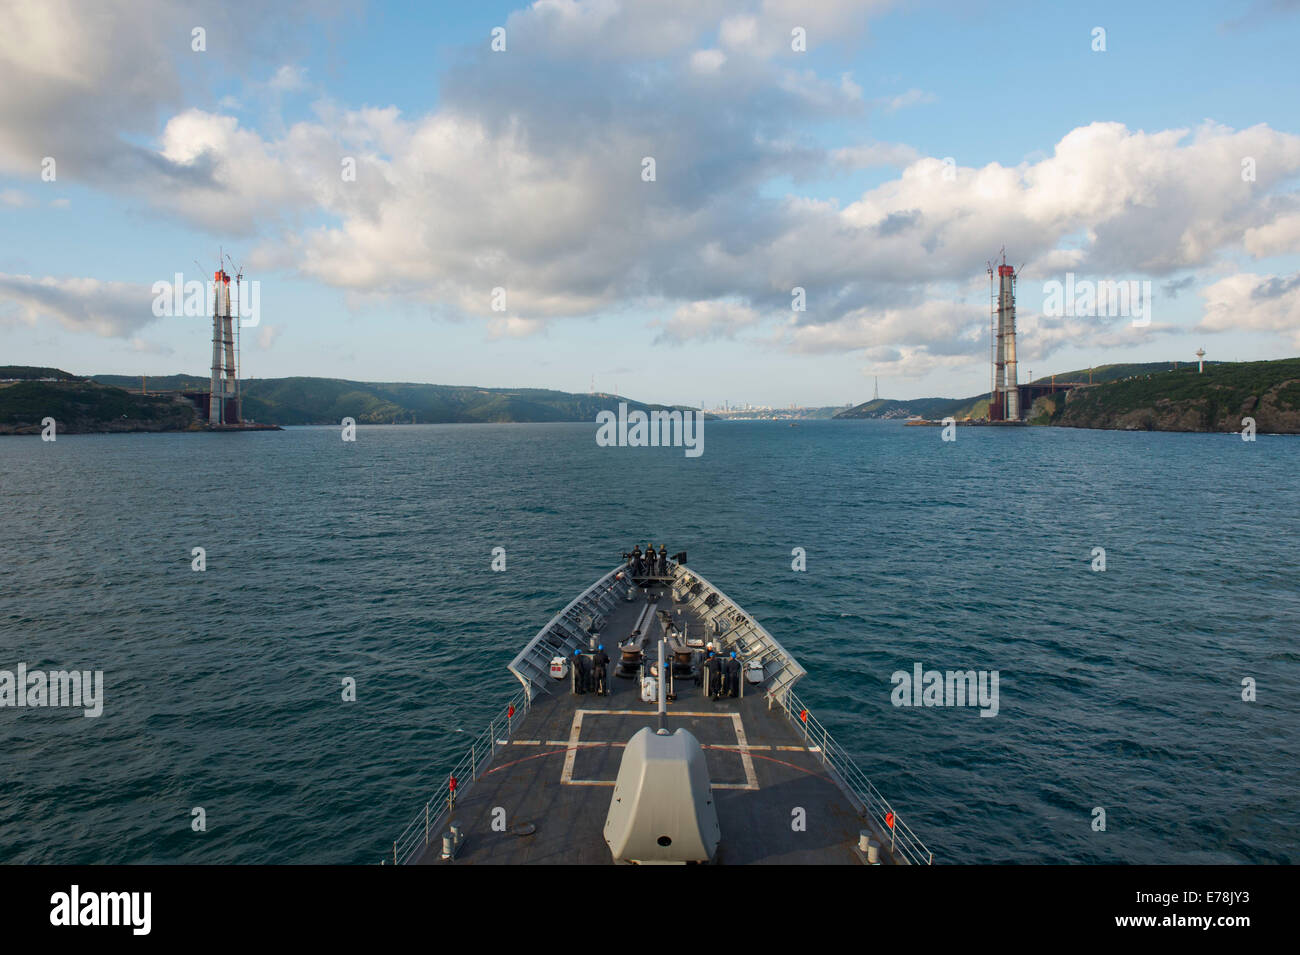 El crucero de misiles guiados USS Vella Gulf (CG 72) sale del Mar Negro y entra en el estrecho del Bósforo, el 26 de agosto de 2014. La Vella Gulf realizó operaciones de seguridad marítima y el teatro compromisos de seguridad en el Mar Negro como parte del compromiso de los Estados Unidos t Foto de stock